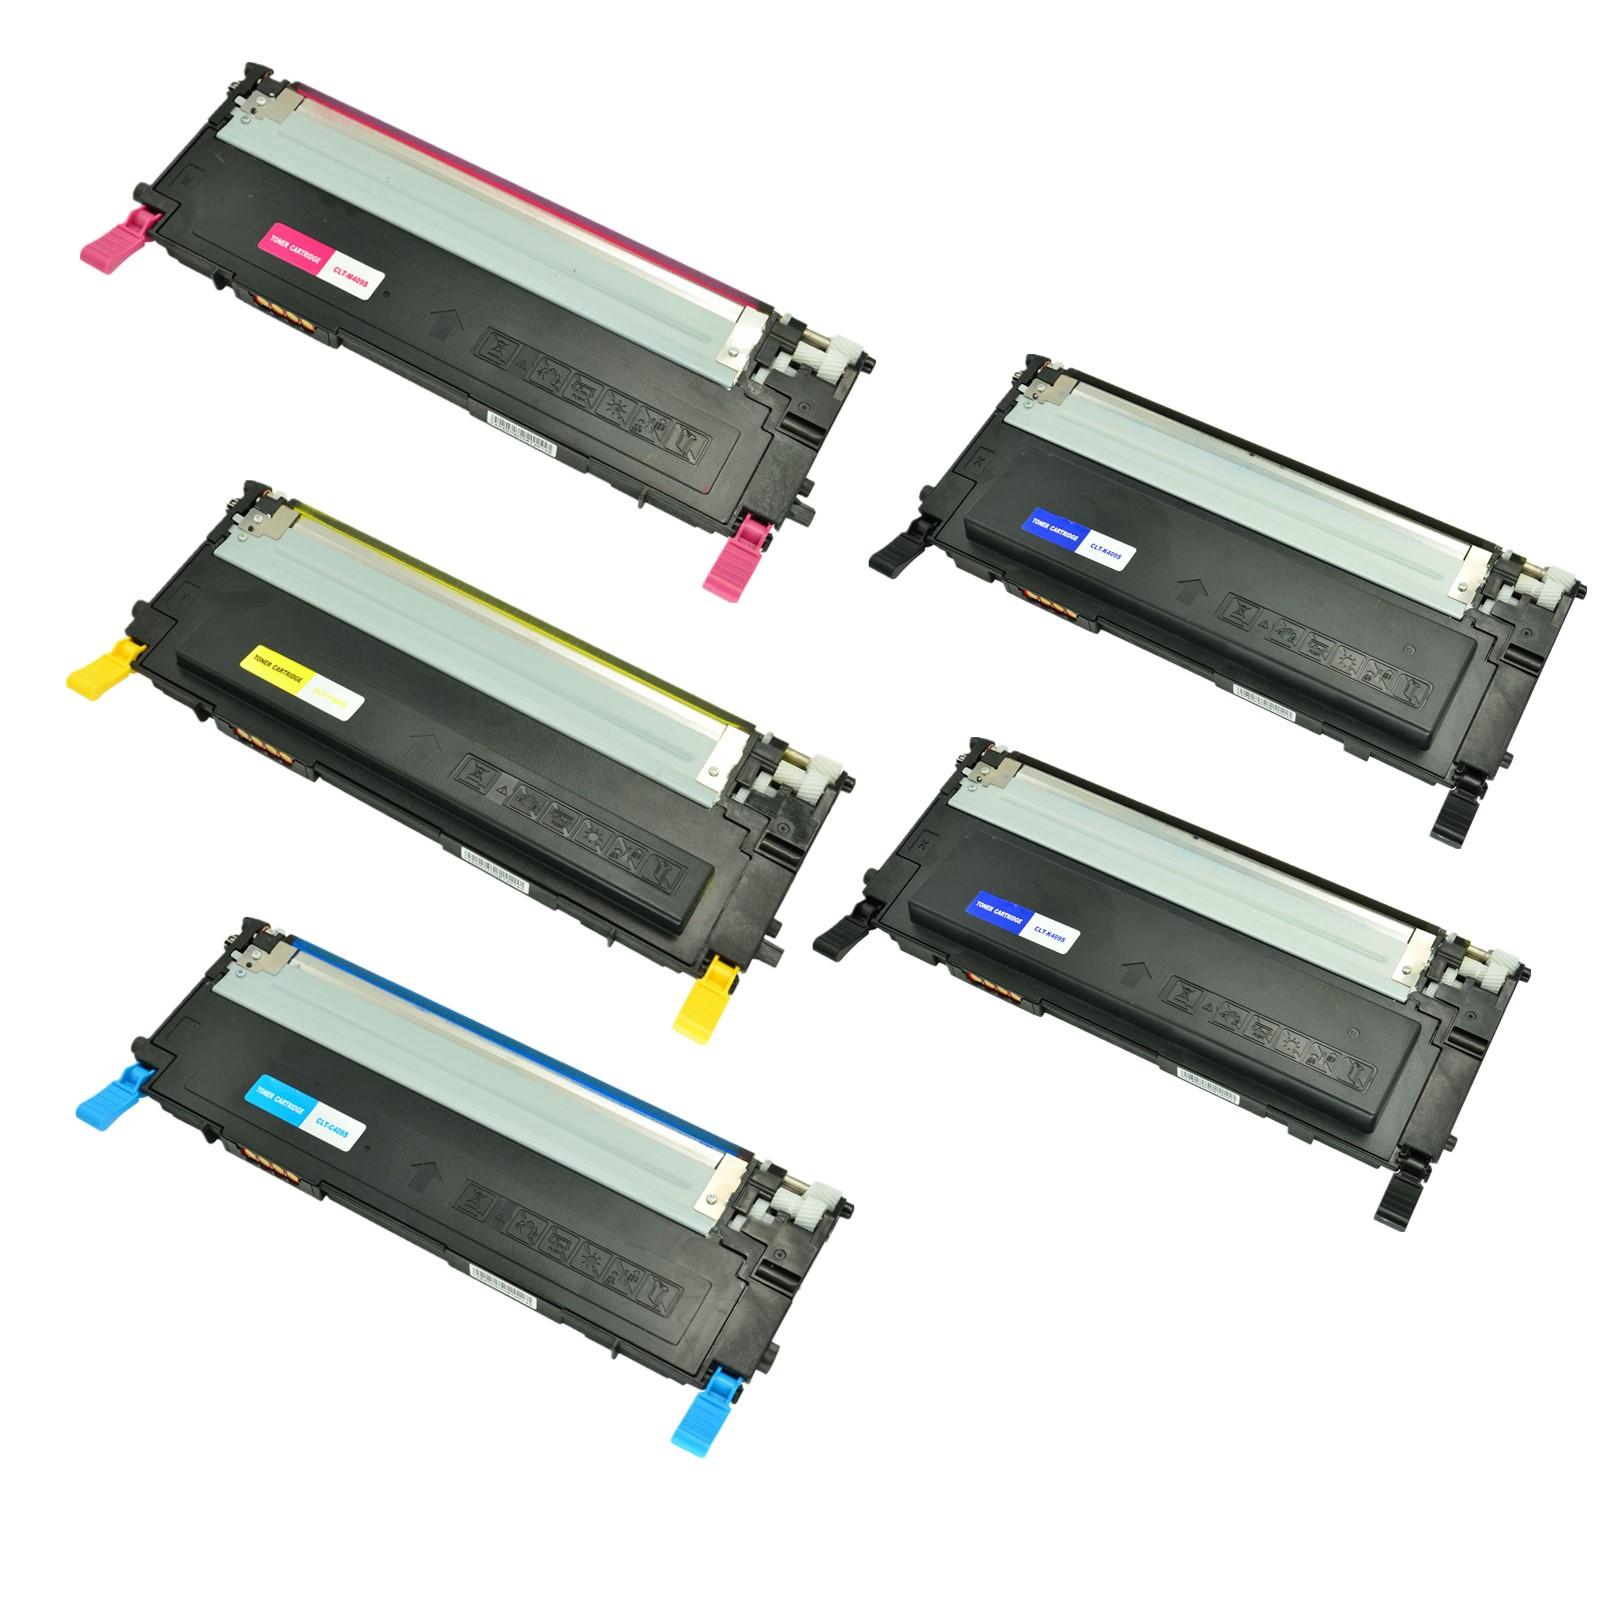 10PK CLT-K409S 409S Black Toner For Samsung CLX-3170fn 3175fn 3175fw CLP-310k